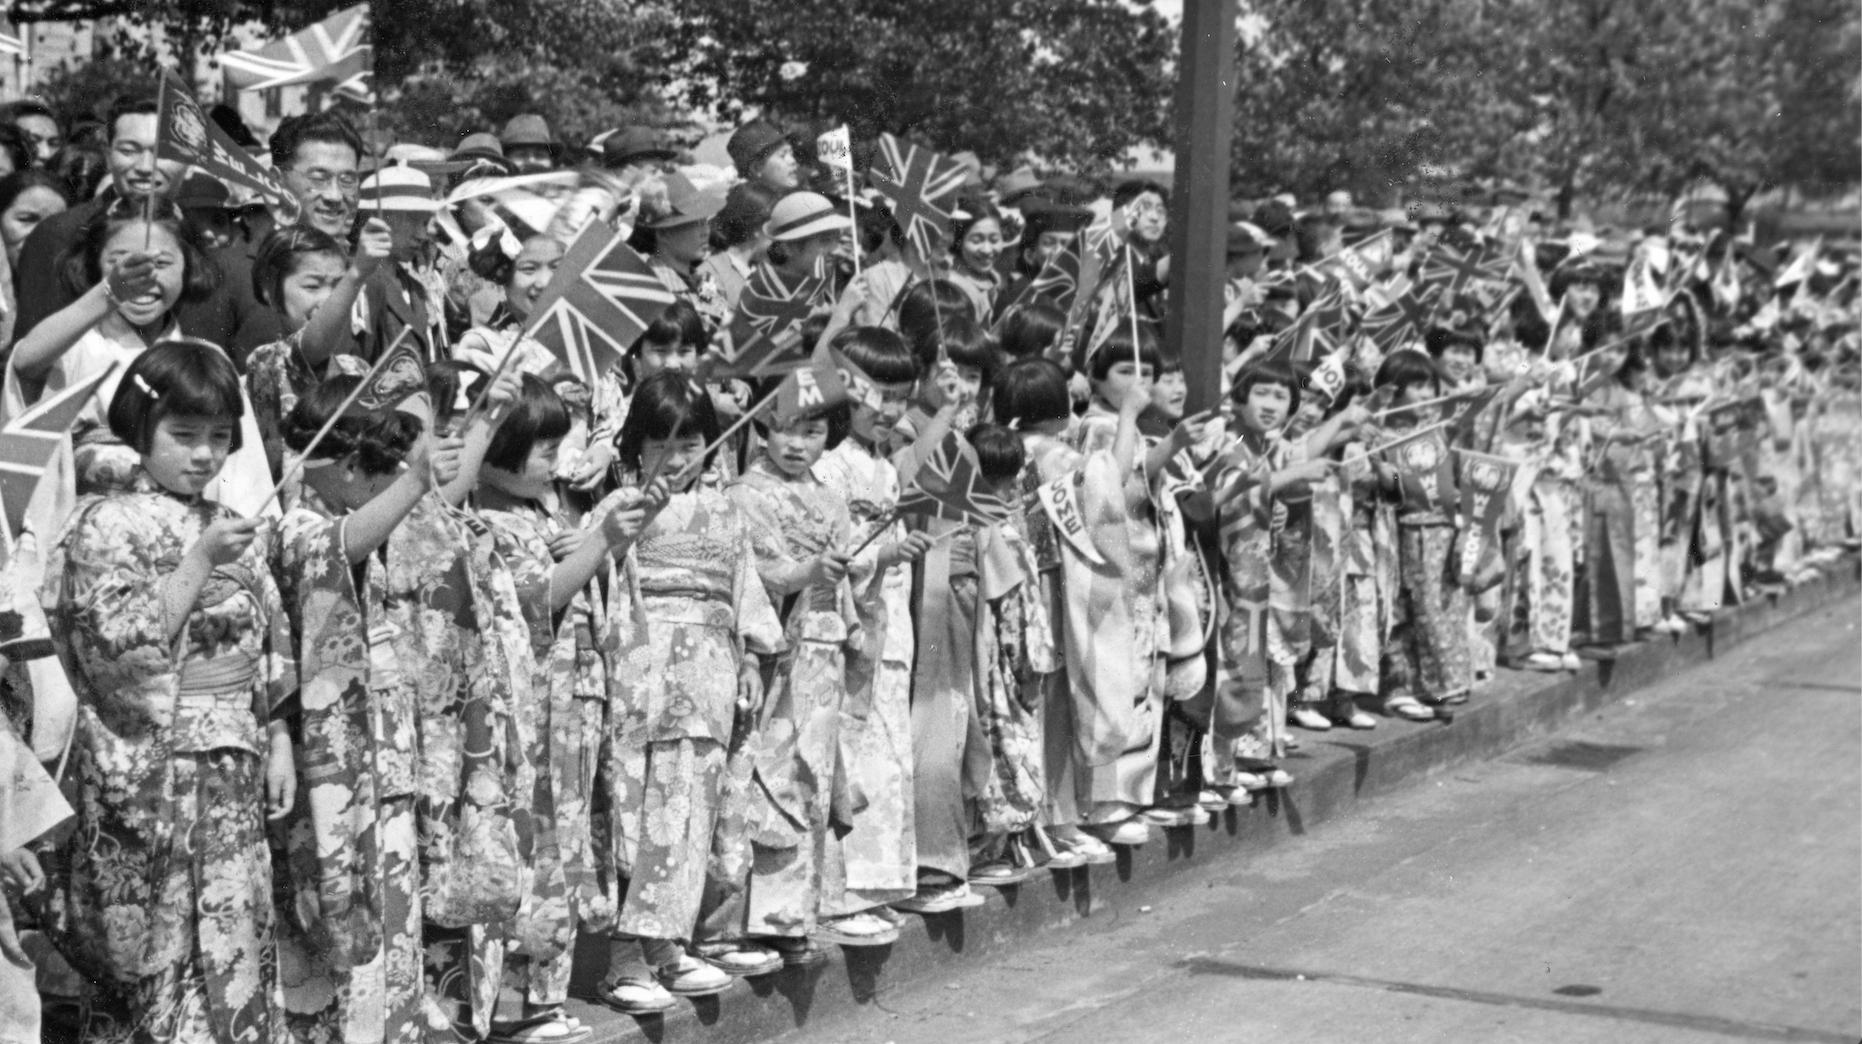 Discrimination in canada in the 1920s essay